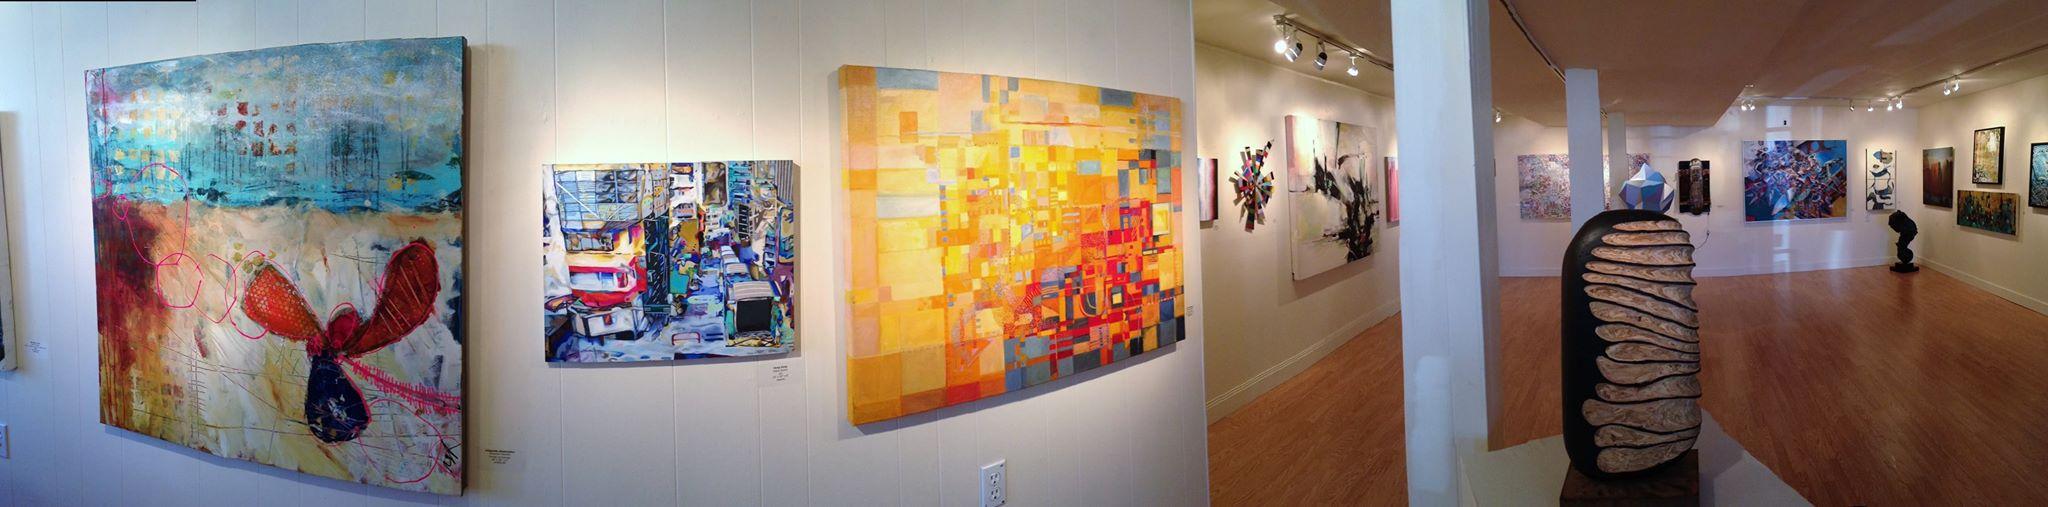 Verum Ultimum Art Gallery